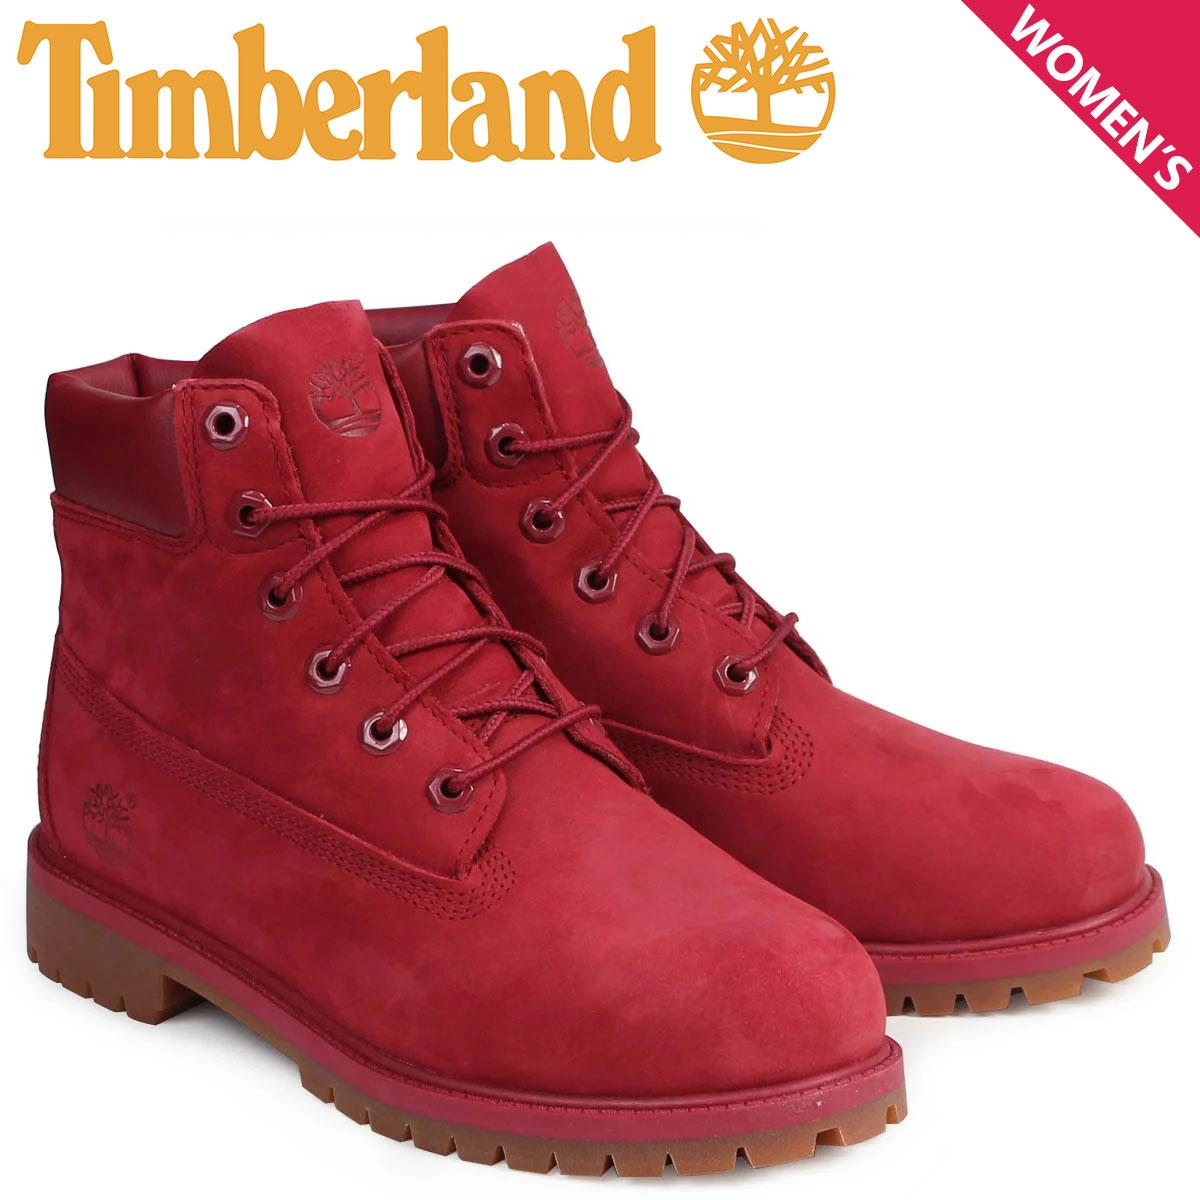 Timberland 6インチ メンズ レディース ティンバーランド ブーツ 6INCHI PREMIUM BOOTS A13HV Wワイズ 防水 レッド